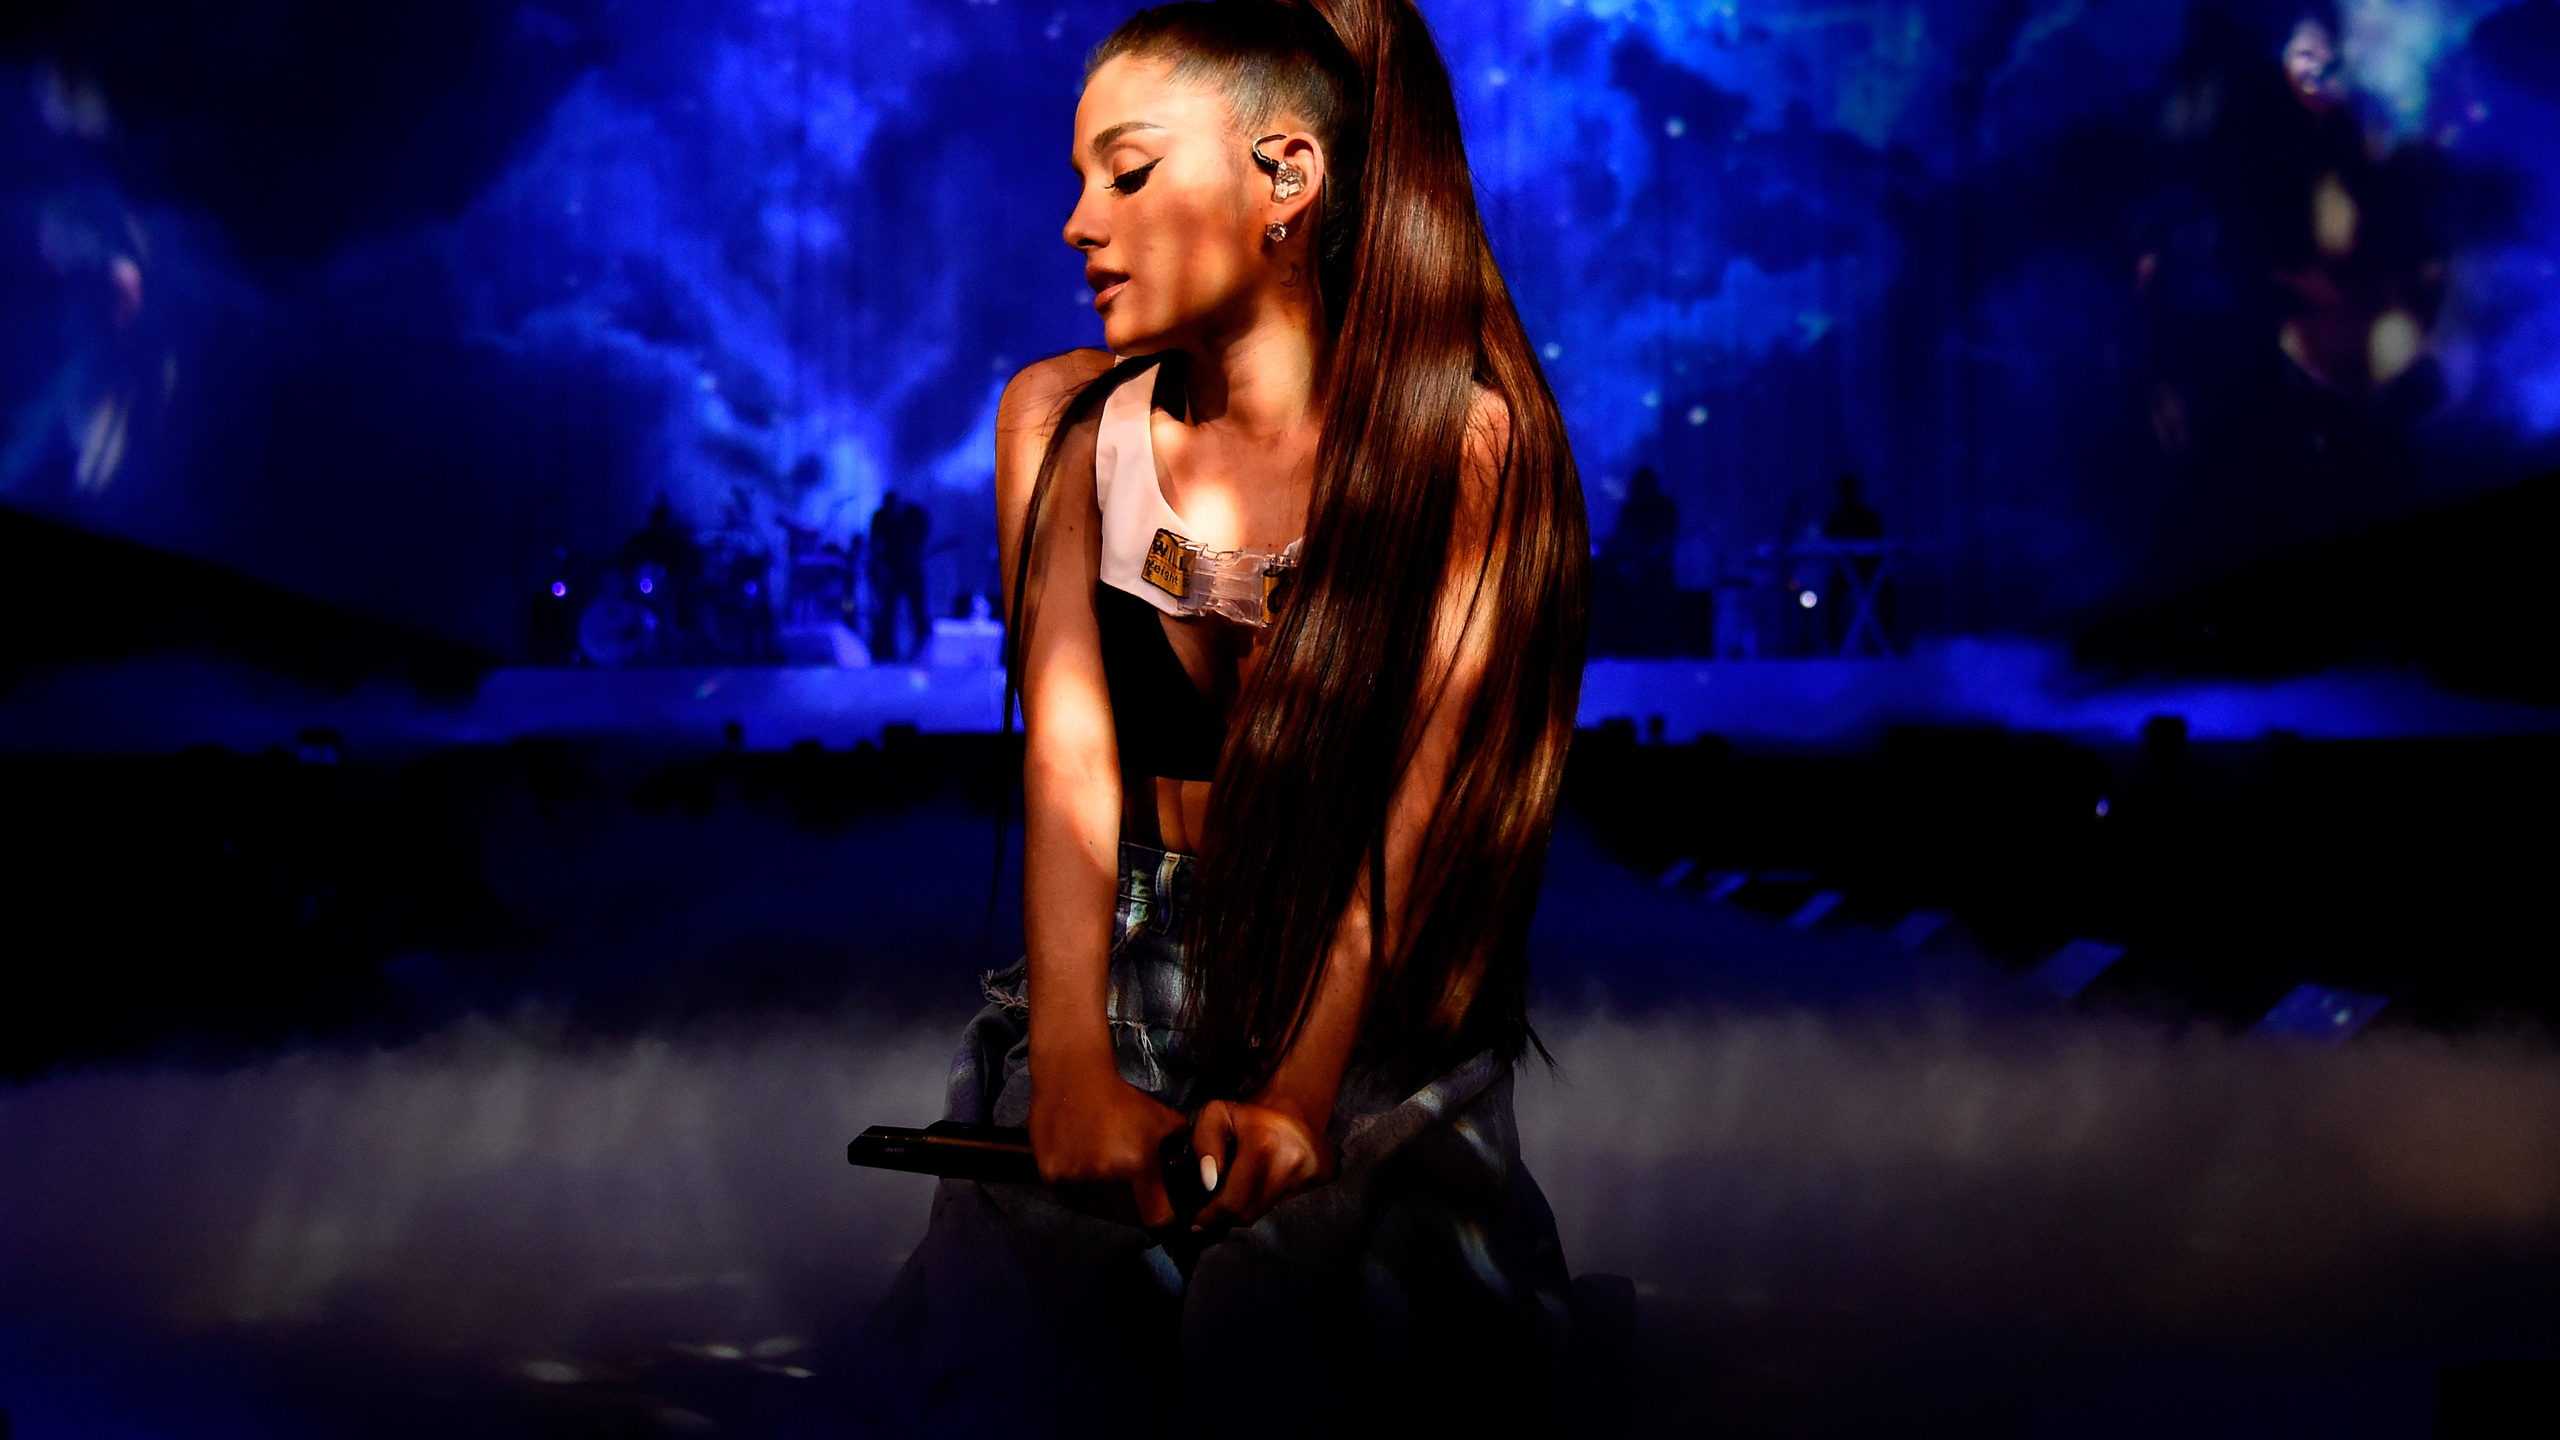 Ariana Grande Wallpaper 1920x1080 2560x1440 Arian...